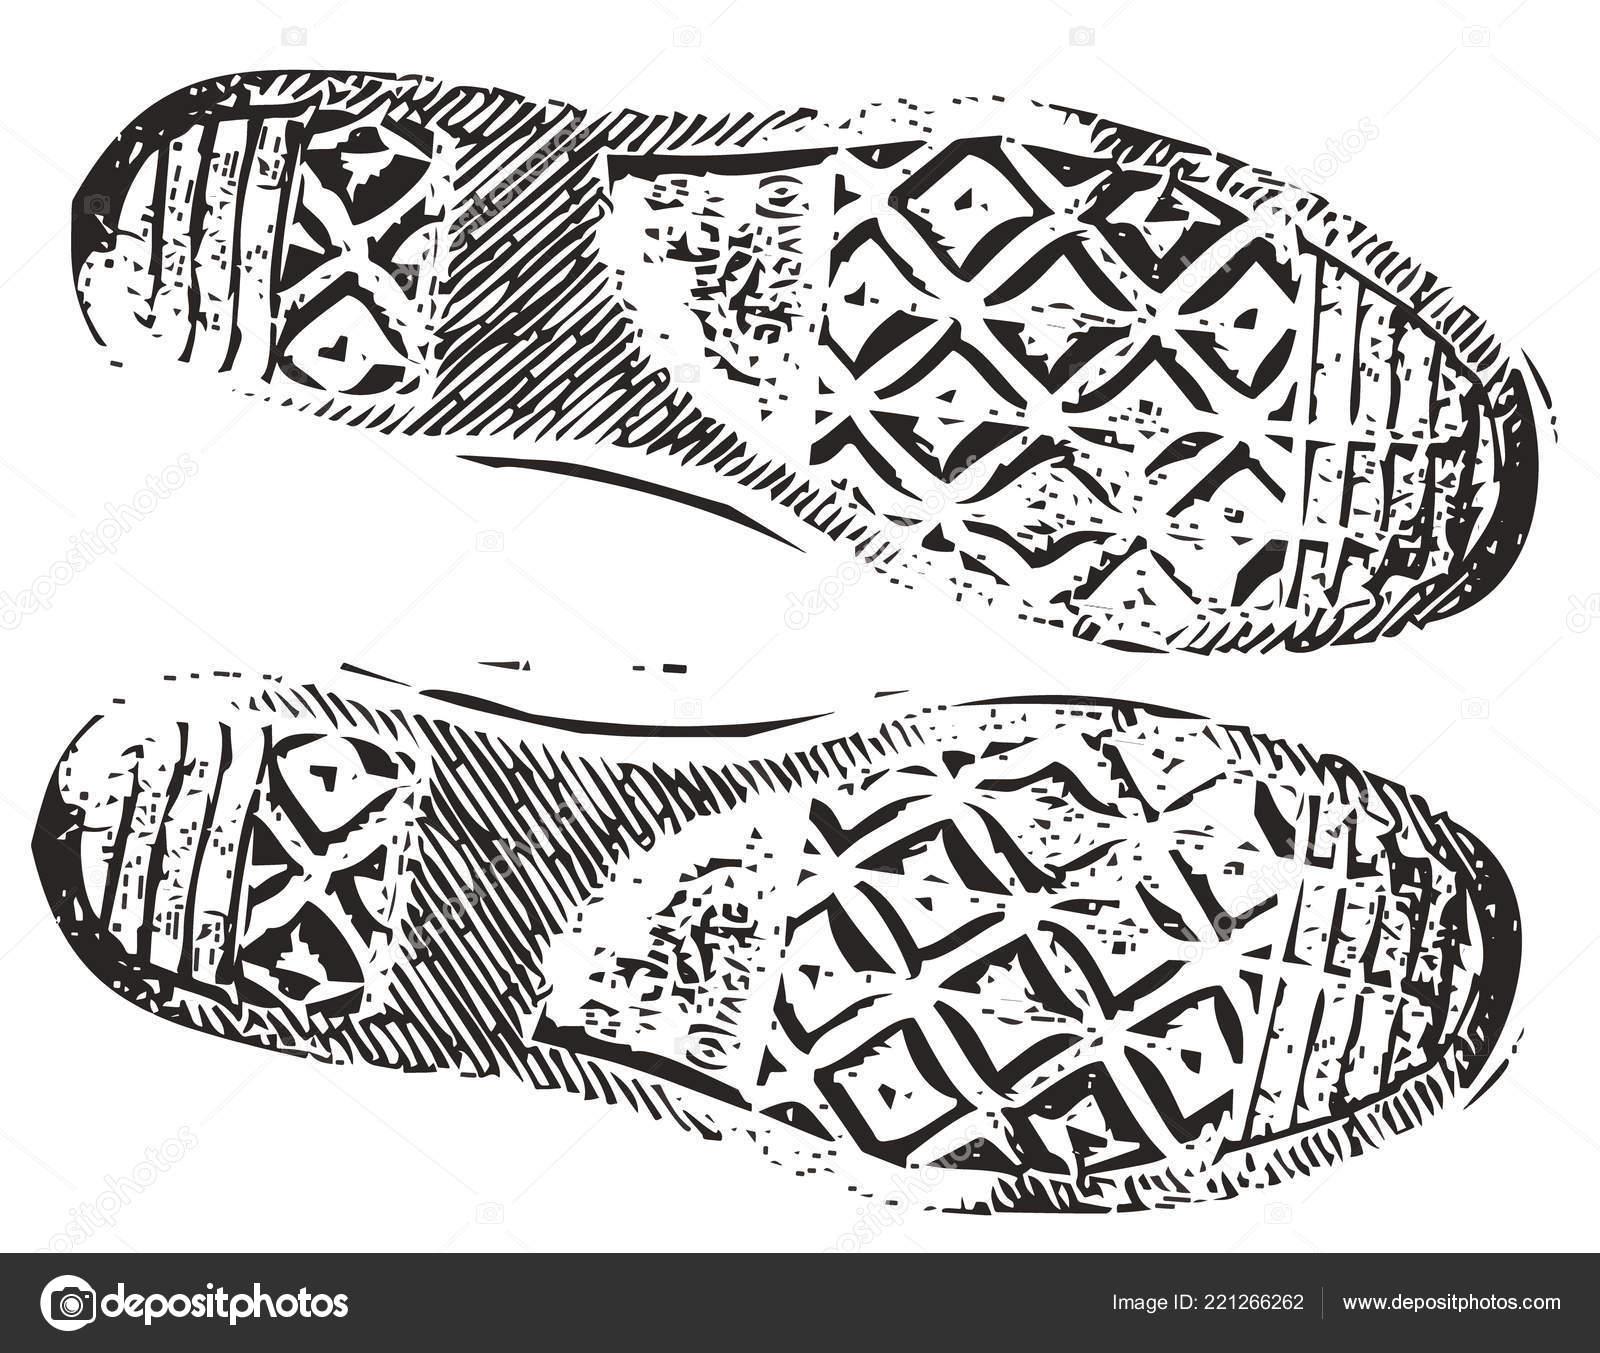 Jp Vector Zapatilla Deporte © Sucio lihina — Grunge Stock Huella De 13KcFTlJ